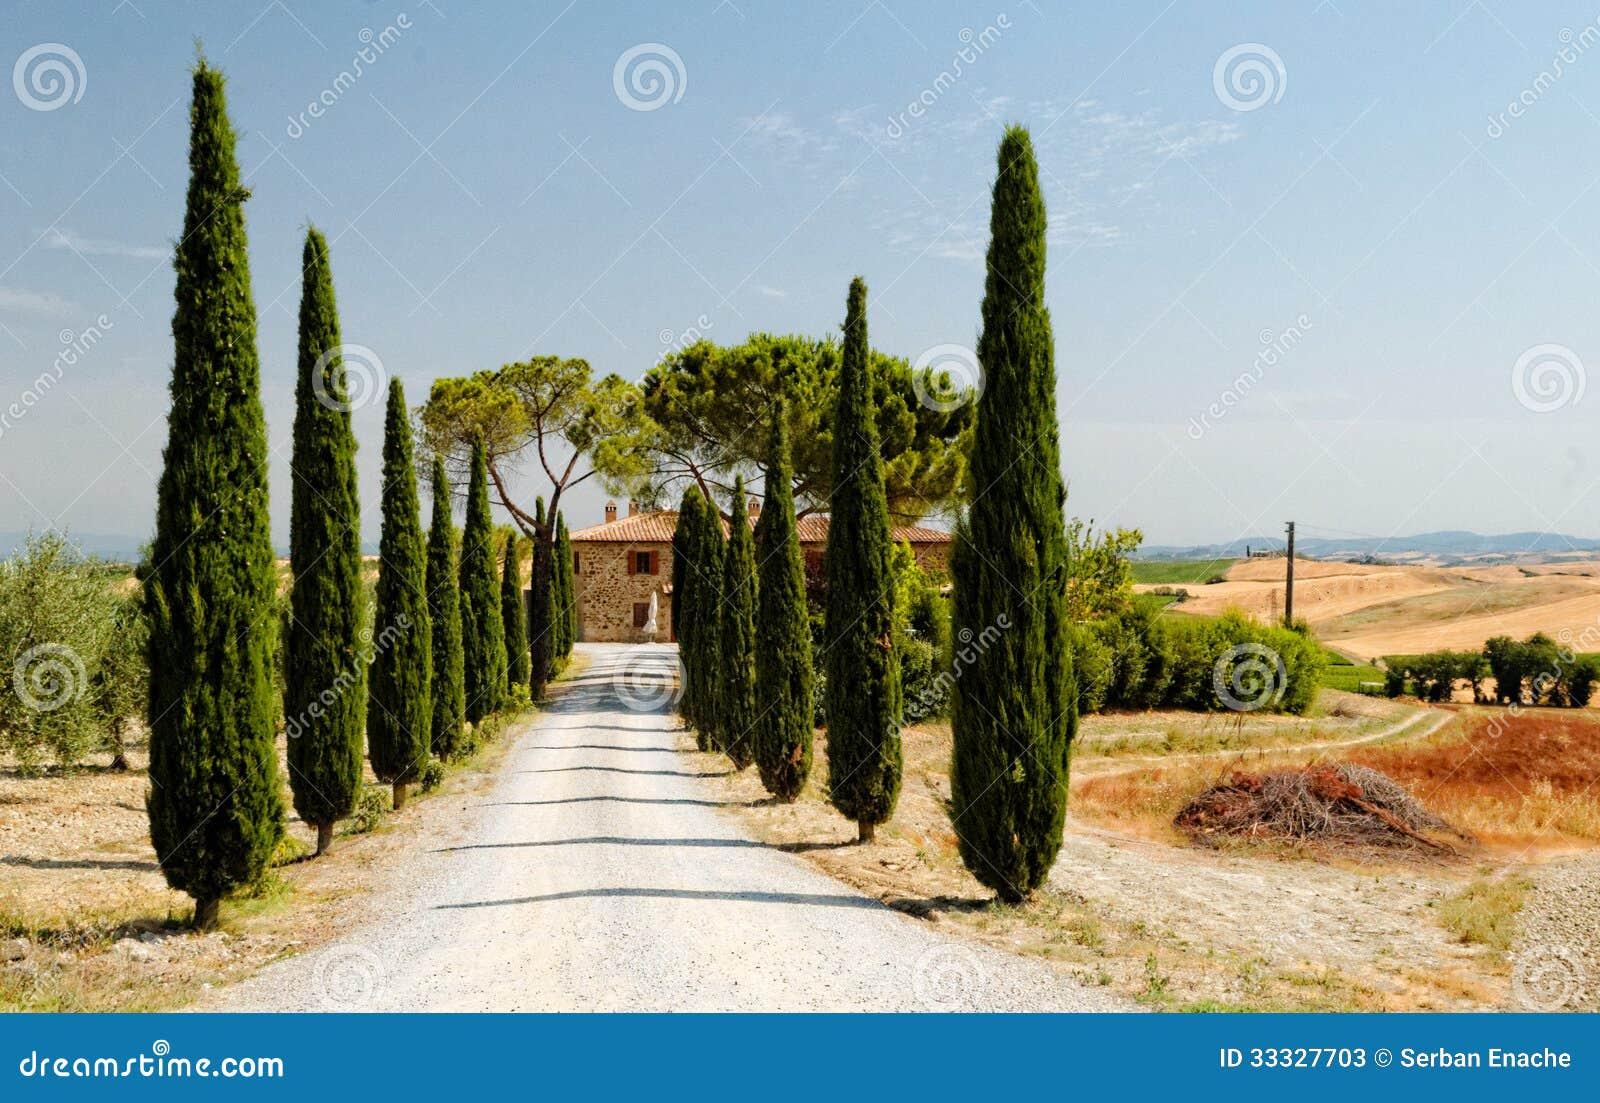 Träd fodrad väg i tuscany